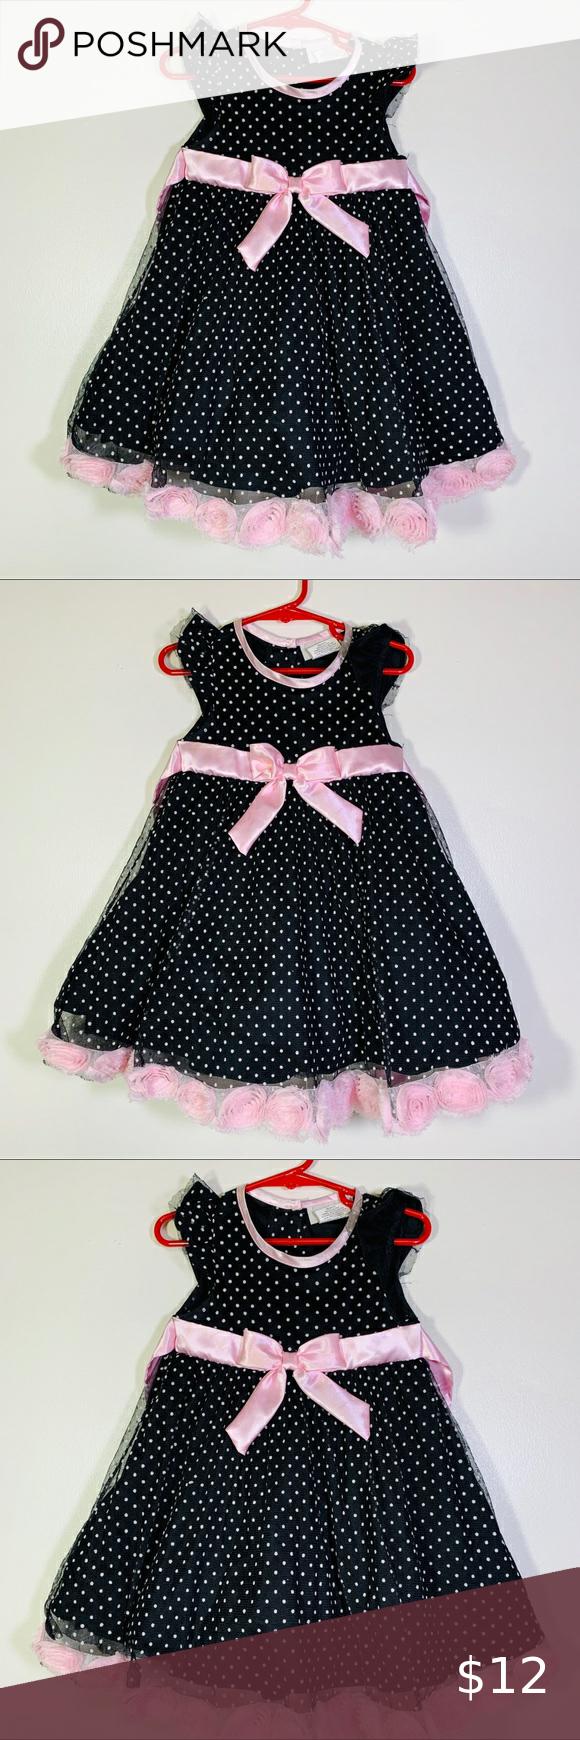 Black Pink Polk A Dot Toddler Dress 3t Toddler Dress Toddler Party Dress Baby Spring Dress [ 1740 x 580 Pixel ]